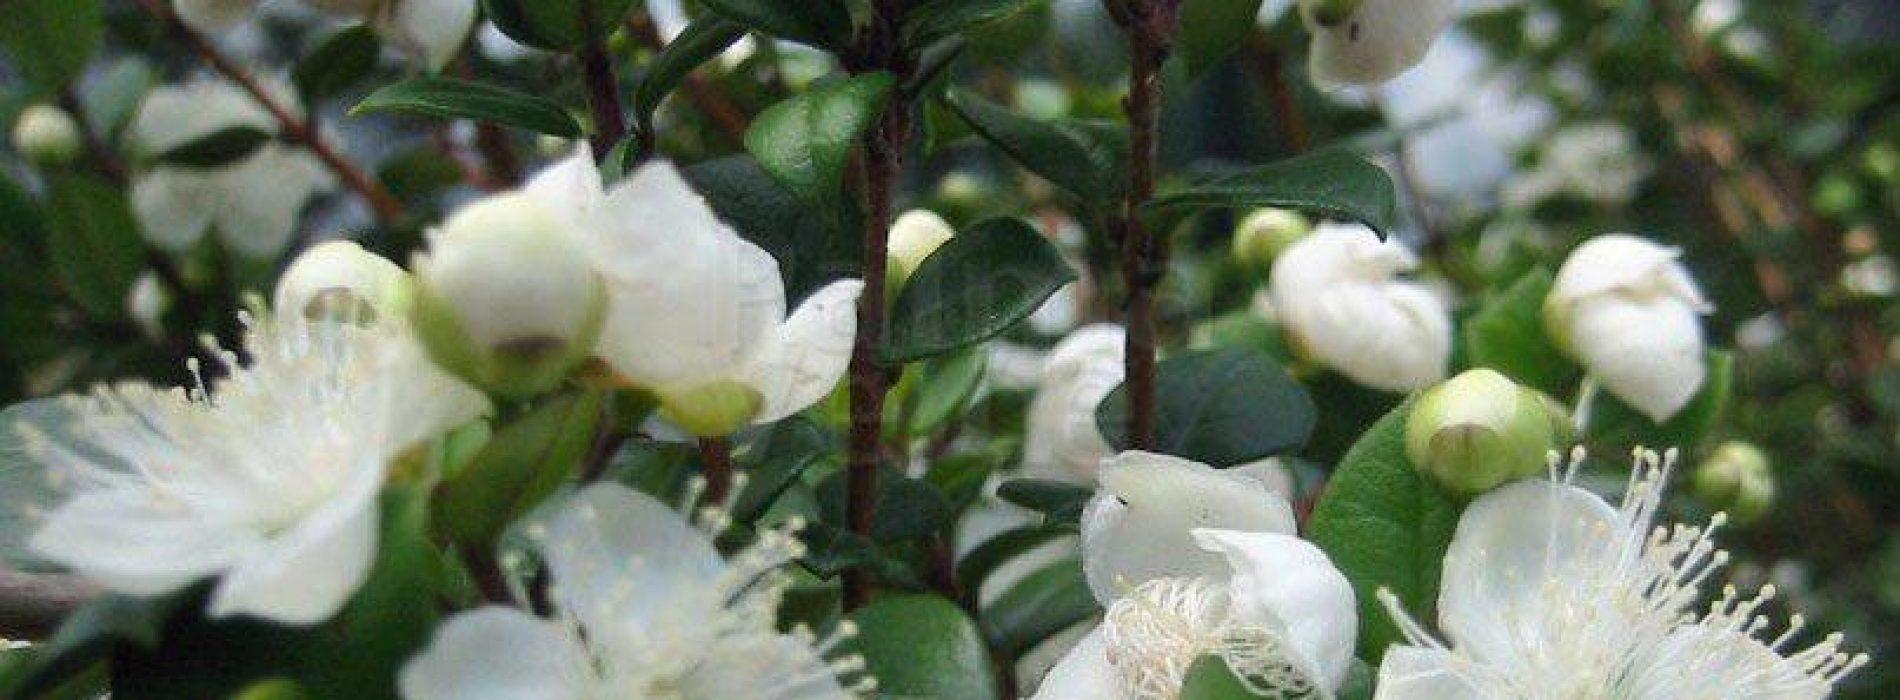 Onder-onderzochte planten uit de mirtefamilie blijken antibacteriële activiteit te hebben